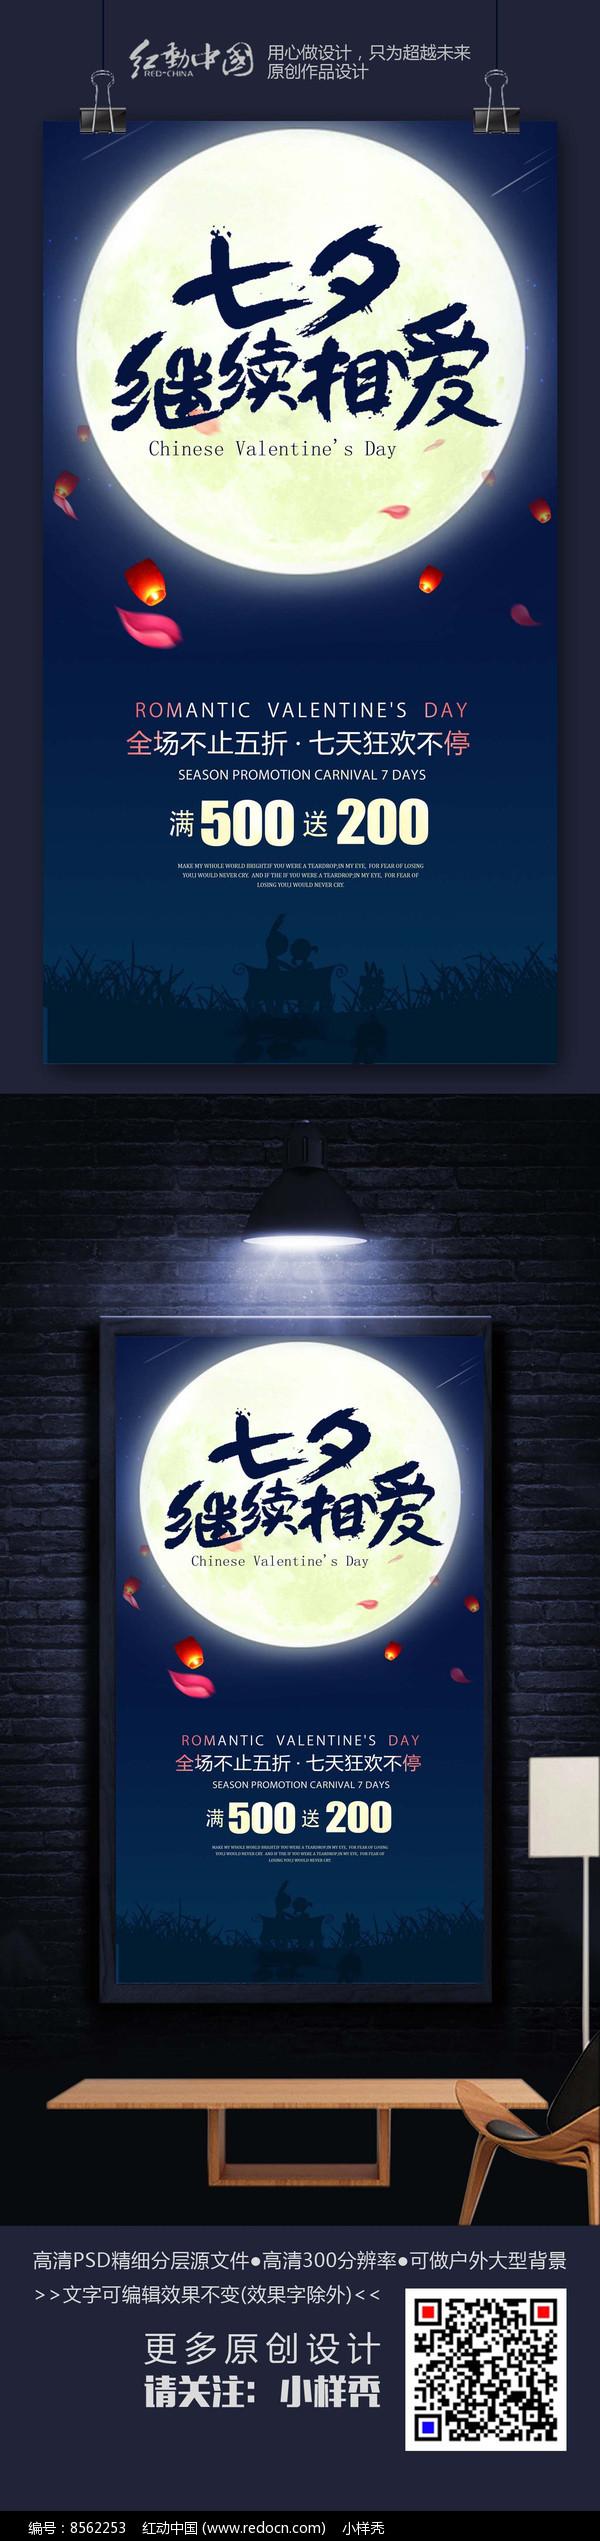 大气时尚七夕节日宣传海报图片